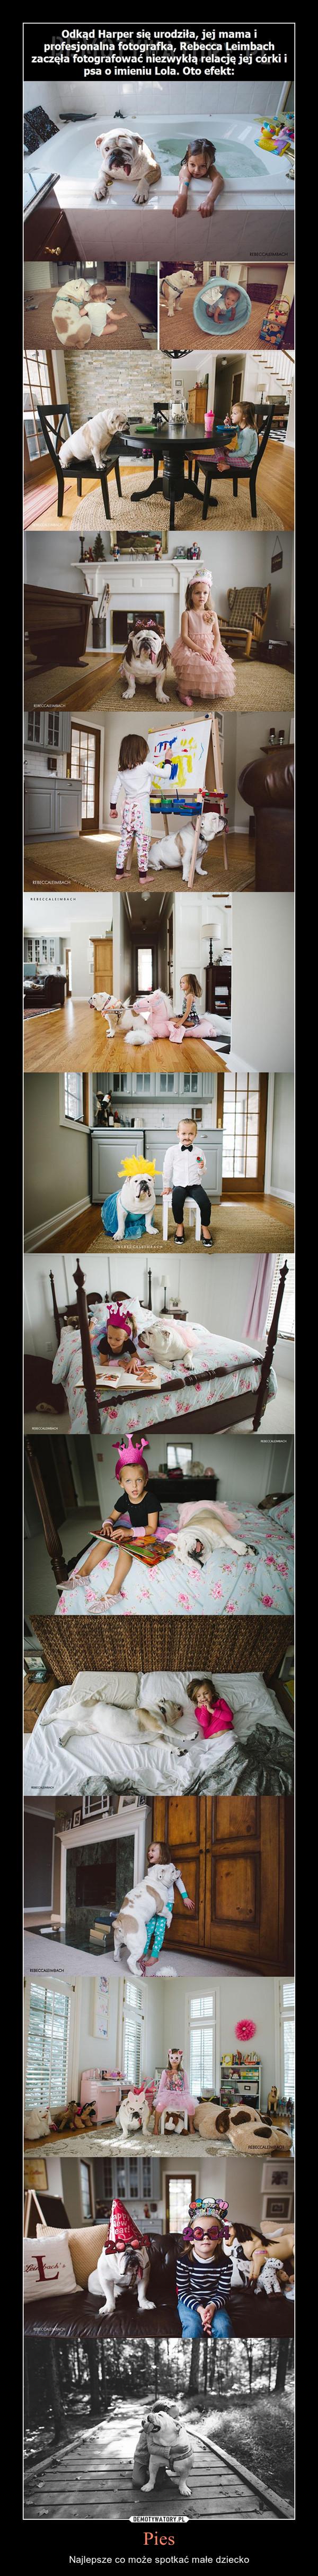 Pies – Najlepsze co może spotkać małe dziecko